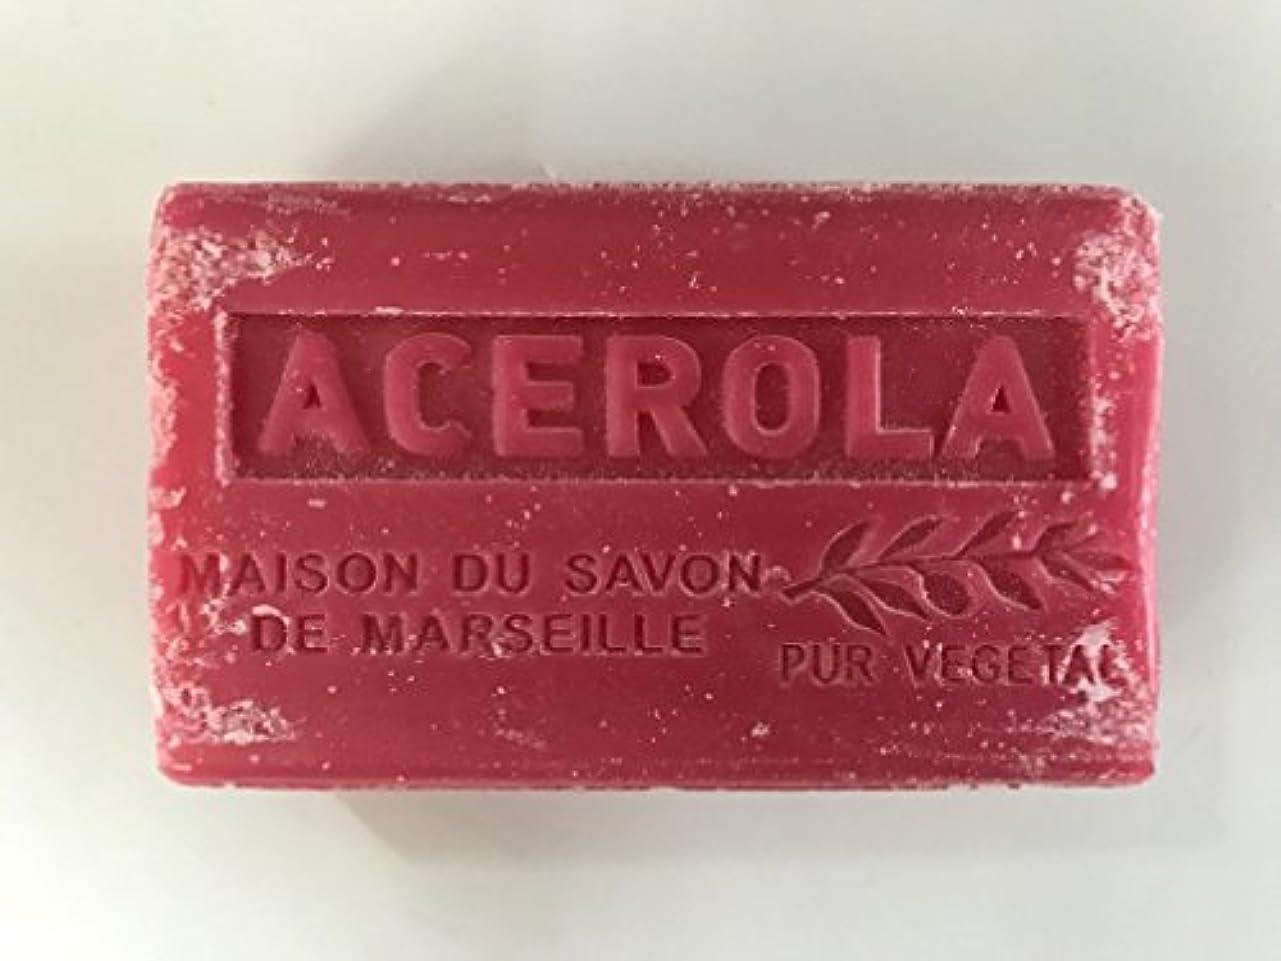 スリーブパーティション覚醒Savon de Marseille Soap Acerola Shea Butter 125g